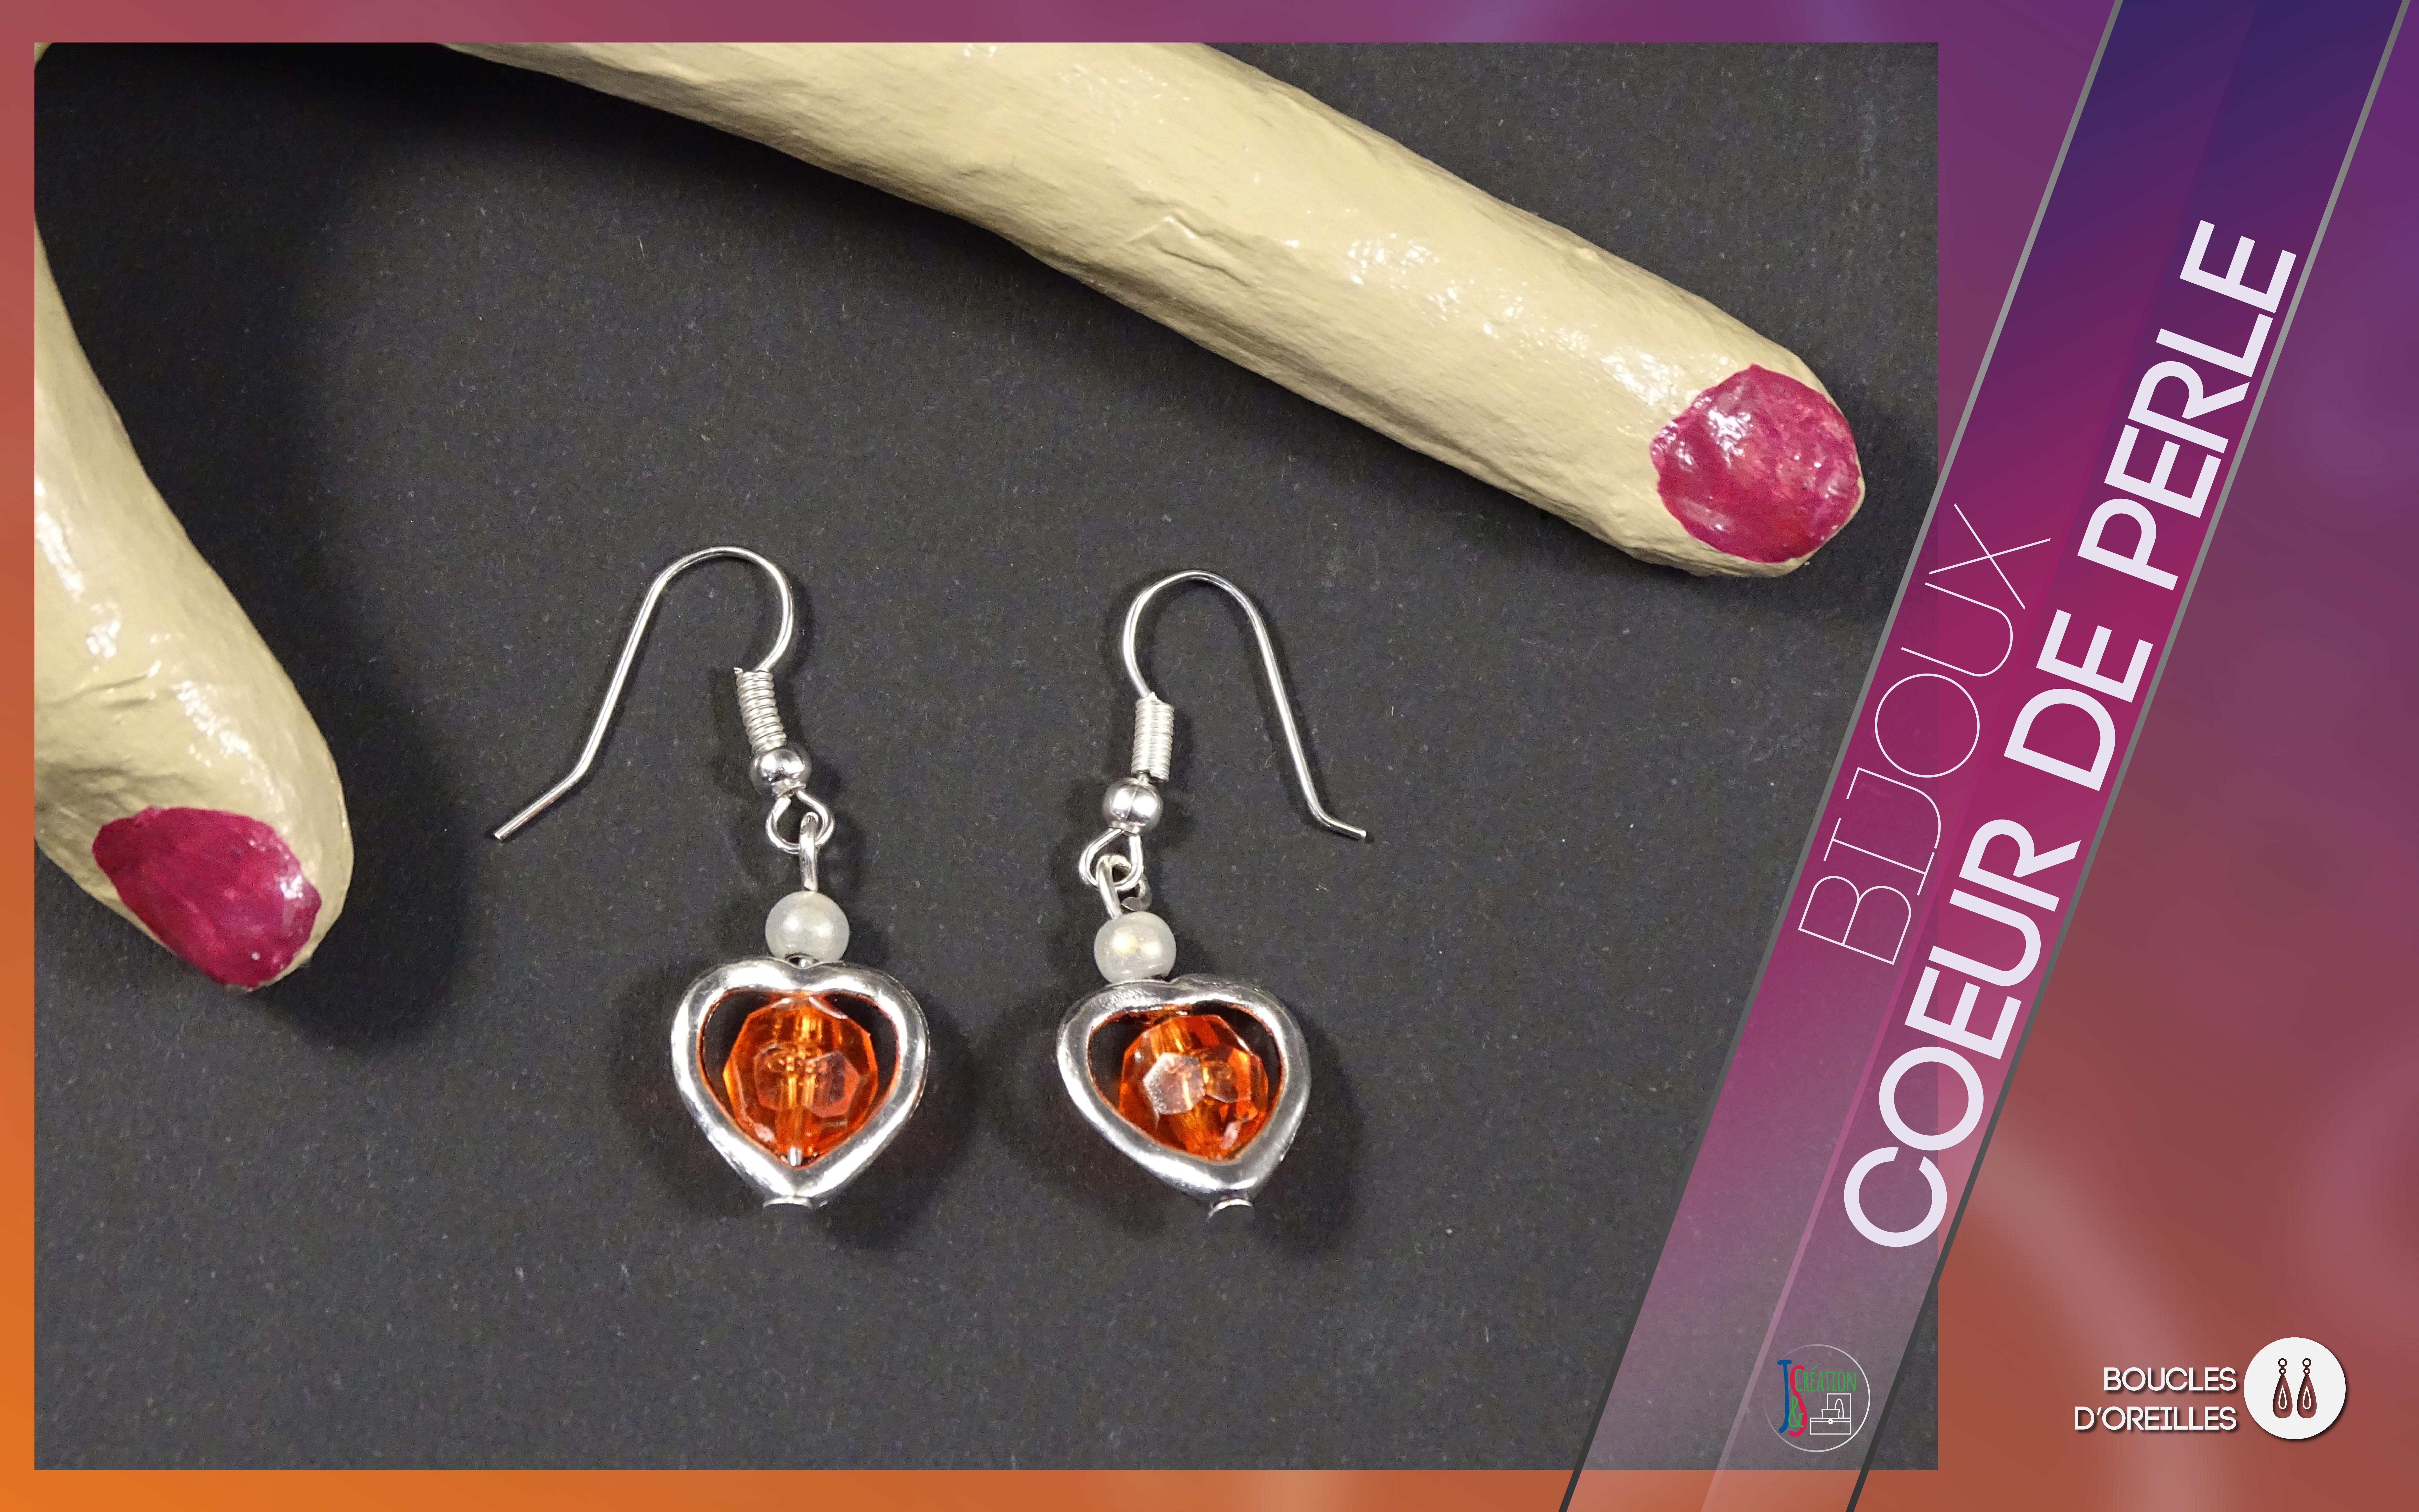 Cœur de perle Boucles d'oreilles Boucles d'oreilles en forme de cœur orné d'une perle de couleurs. A personnaliser selon vos goûts. Bijoux vendu à l'unité : 3,50€